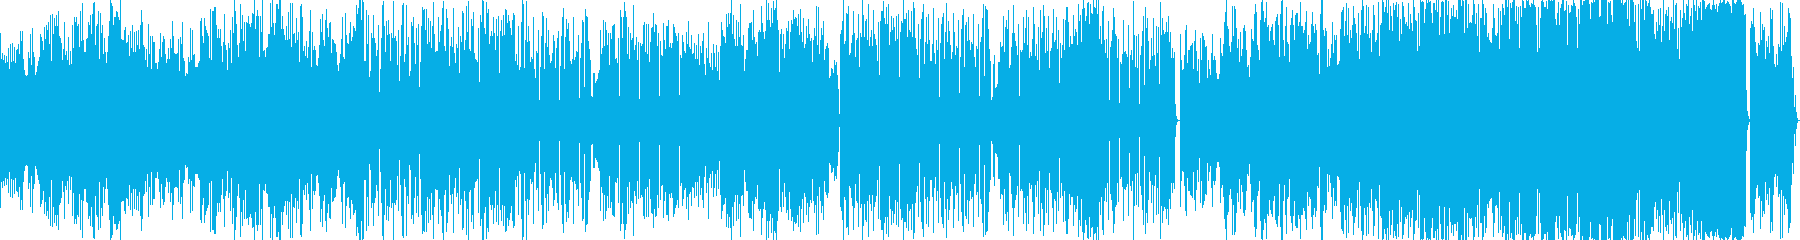 製鉄所をイメージした曲。の再生済みの波形